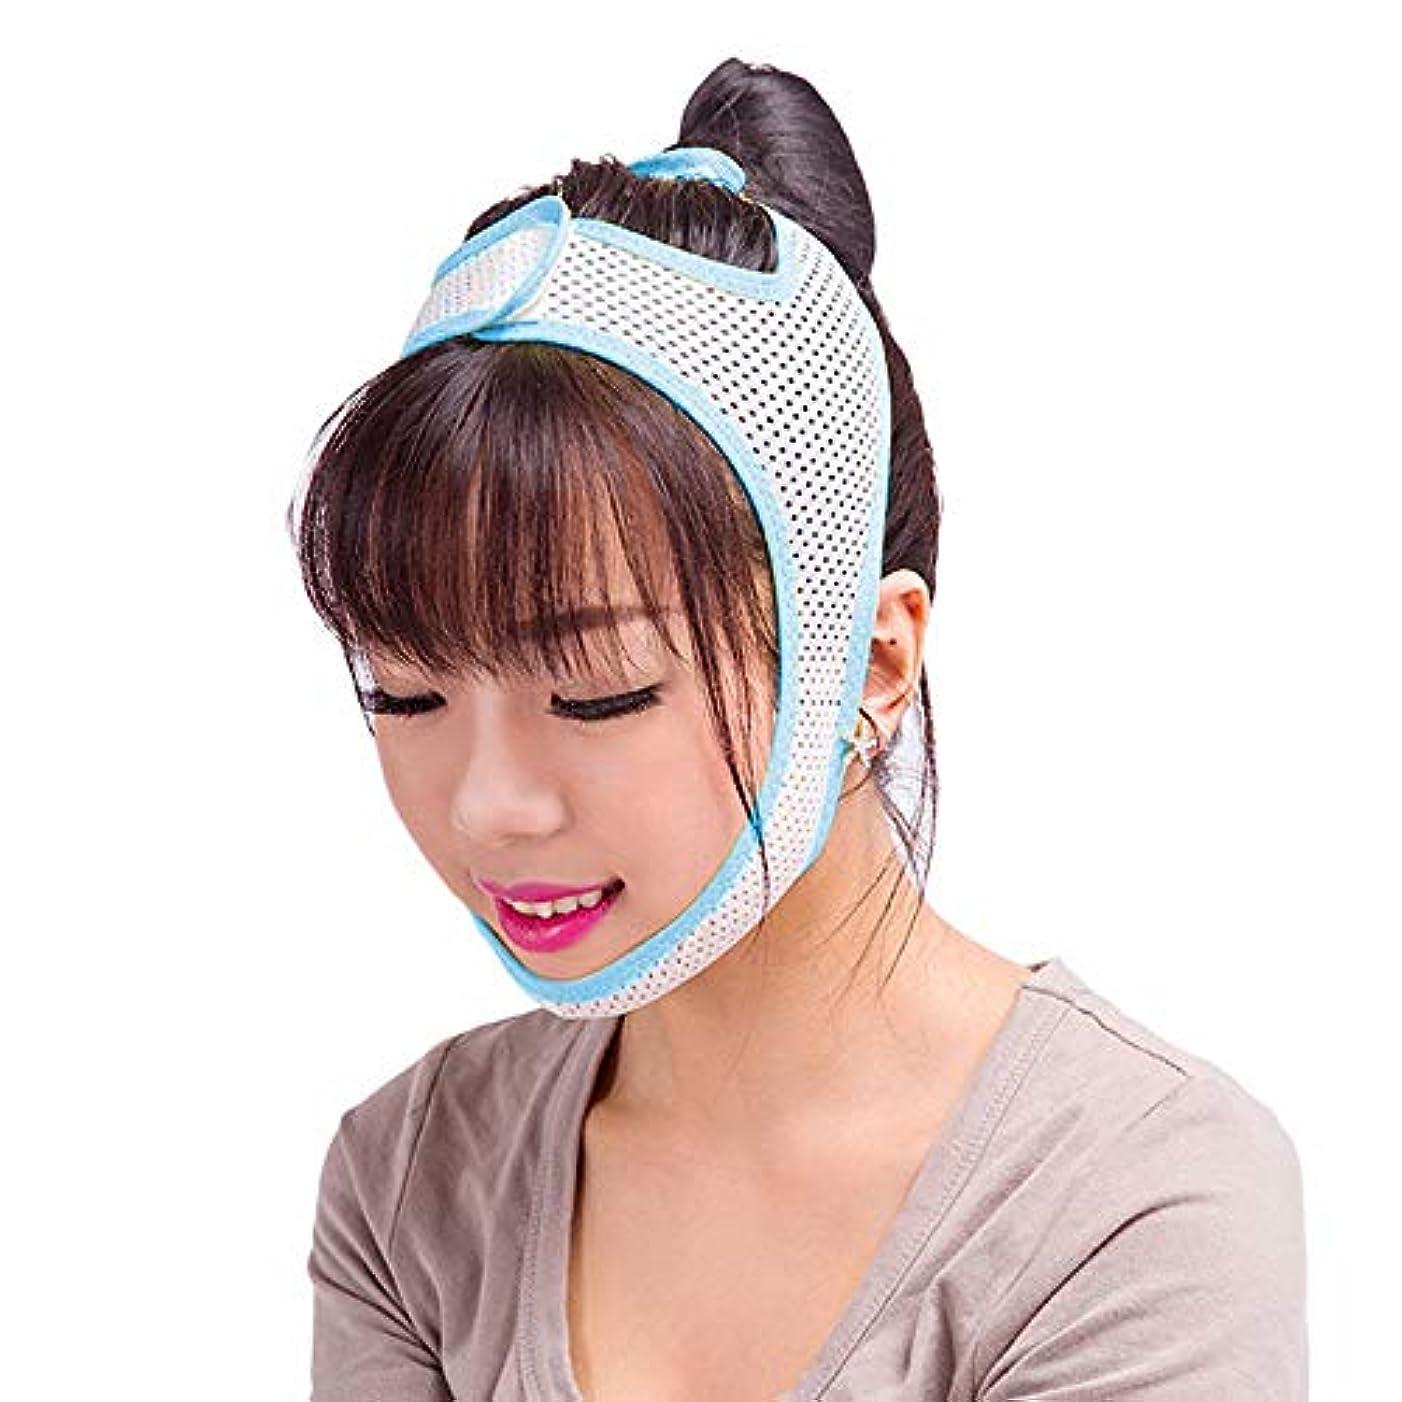 連鎖意志に反するまたね超薄型の フェイスリフト包帯、フェイスリフトマスク付き/プル二重あご咬合法則パターン(青と白),M